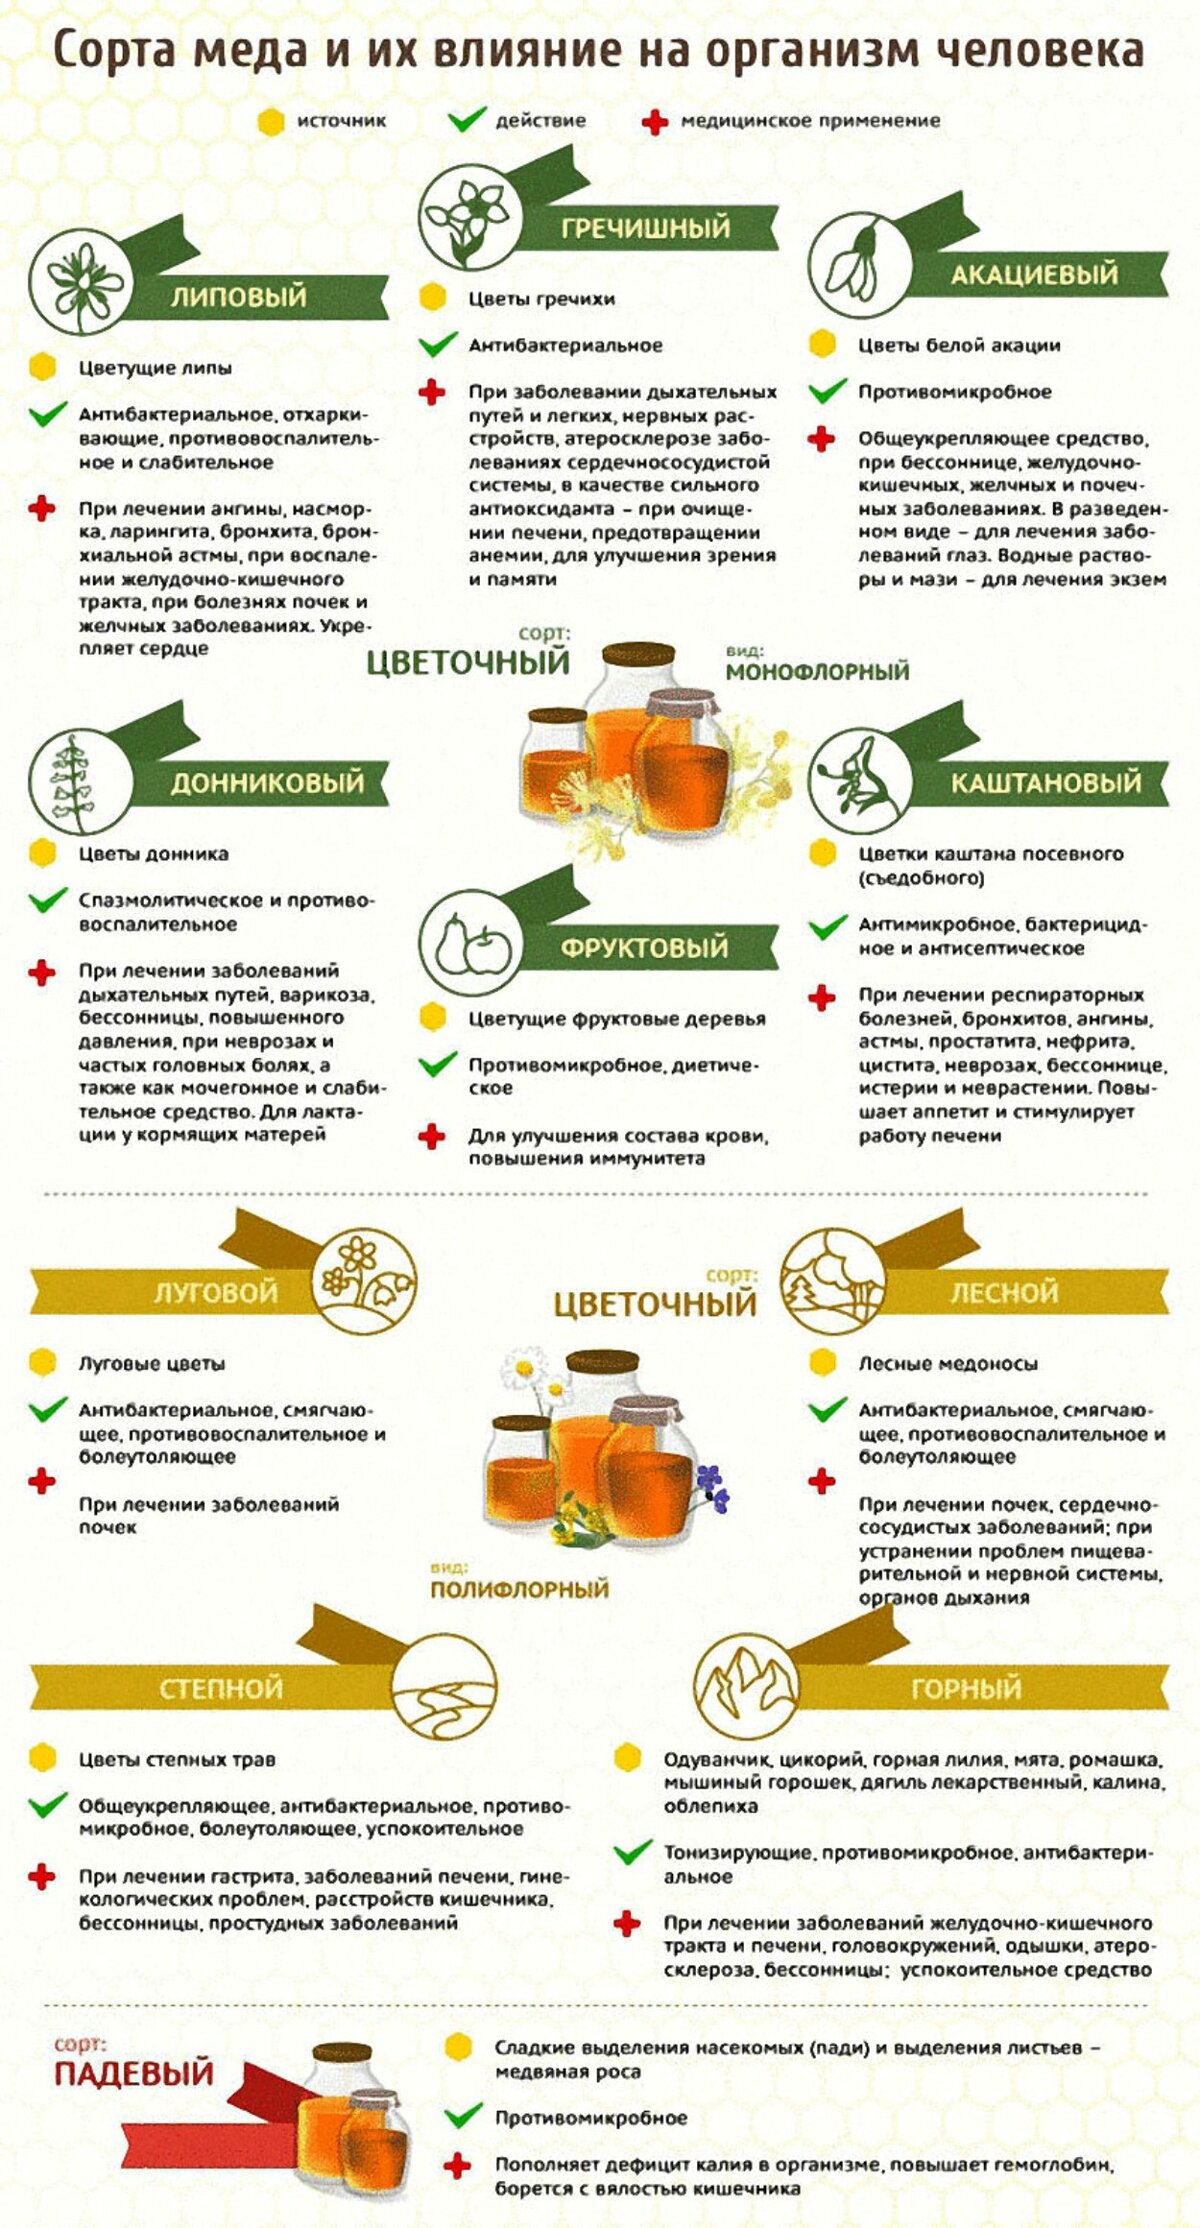 Правда о продуктах пчеловодства: чем полезен мед и в чем его вред?